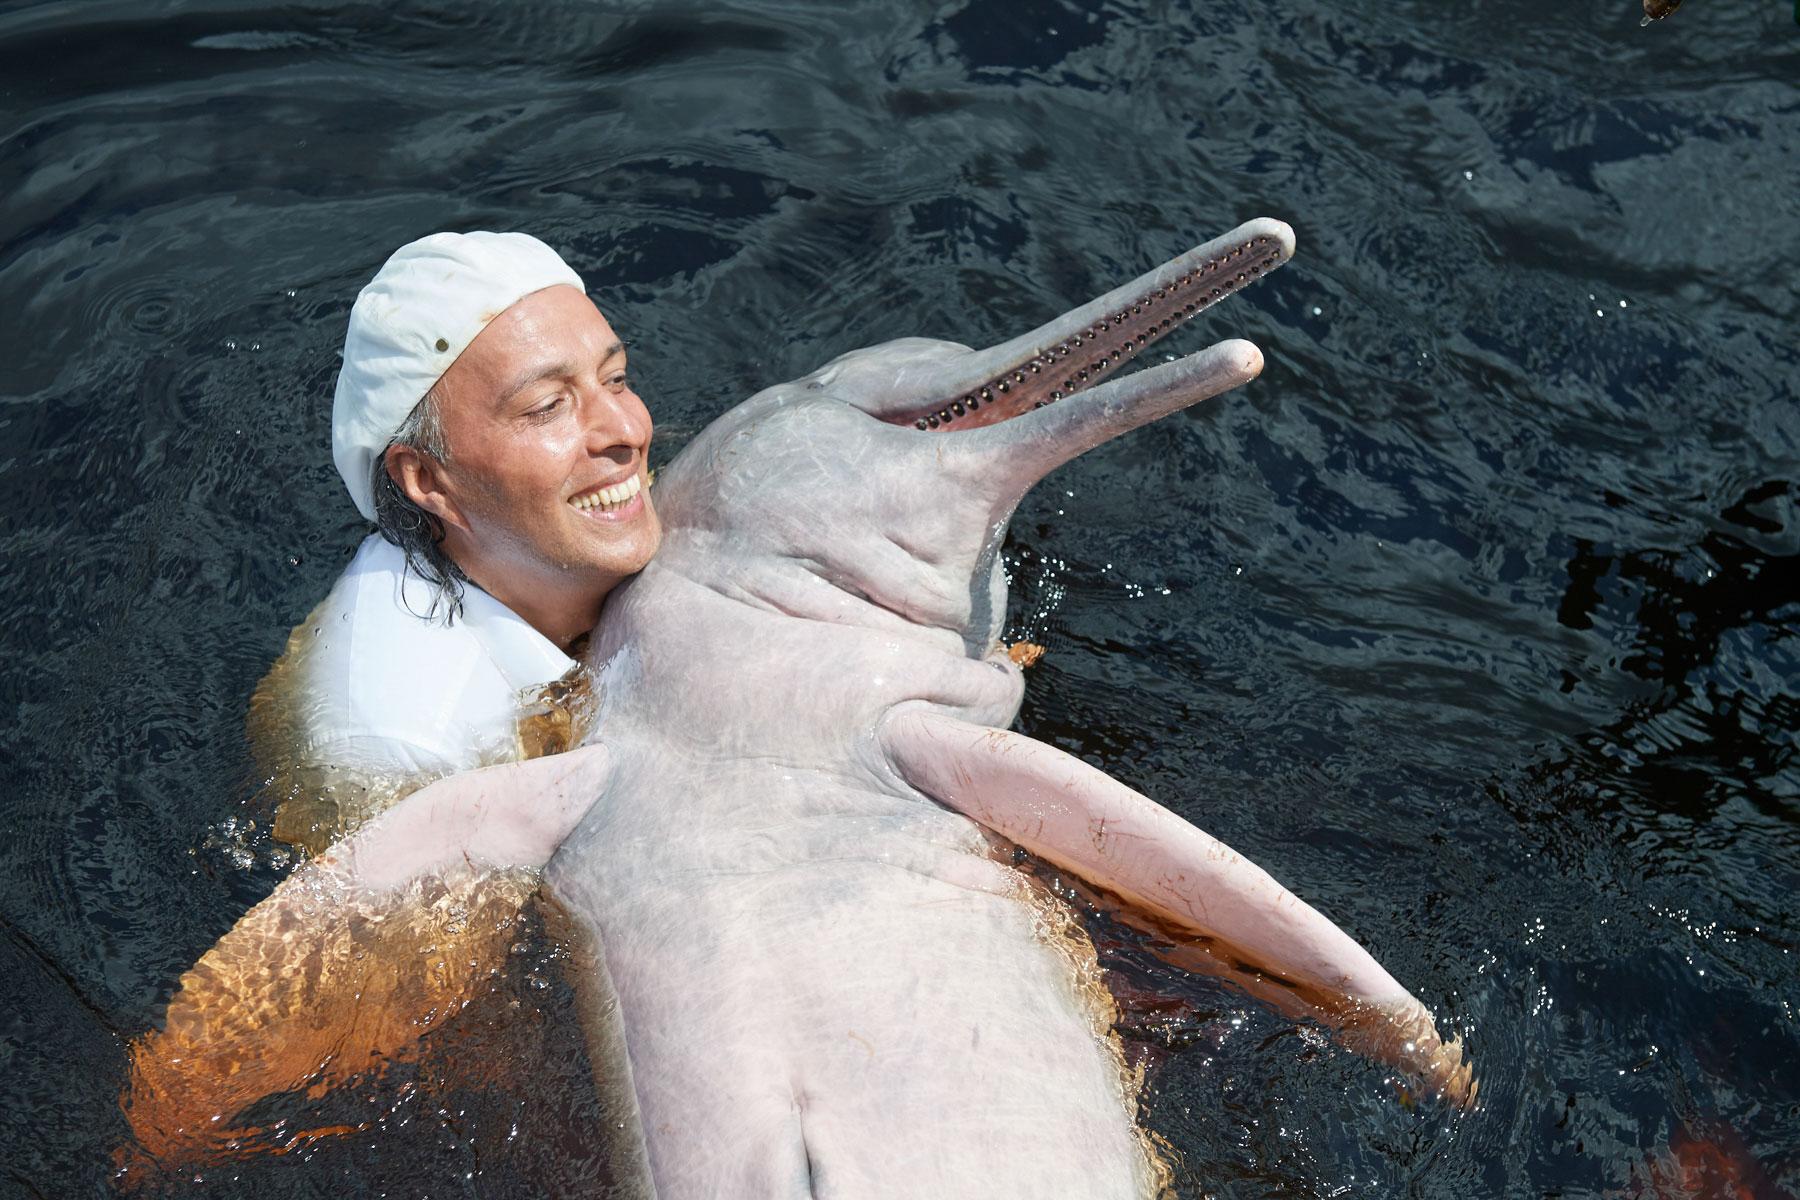 Mann spielt sehr innig mit einem roten Delphin im Rio Negro